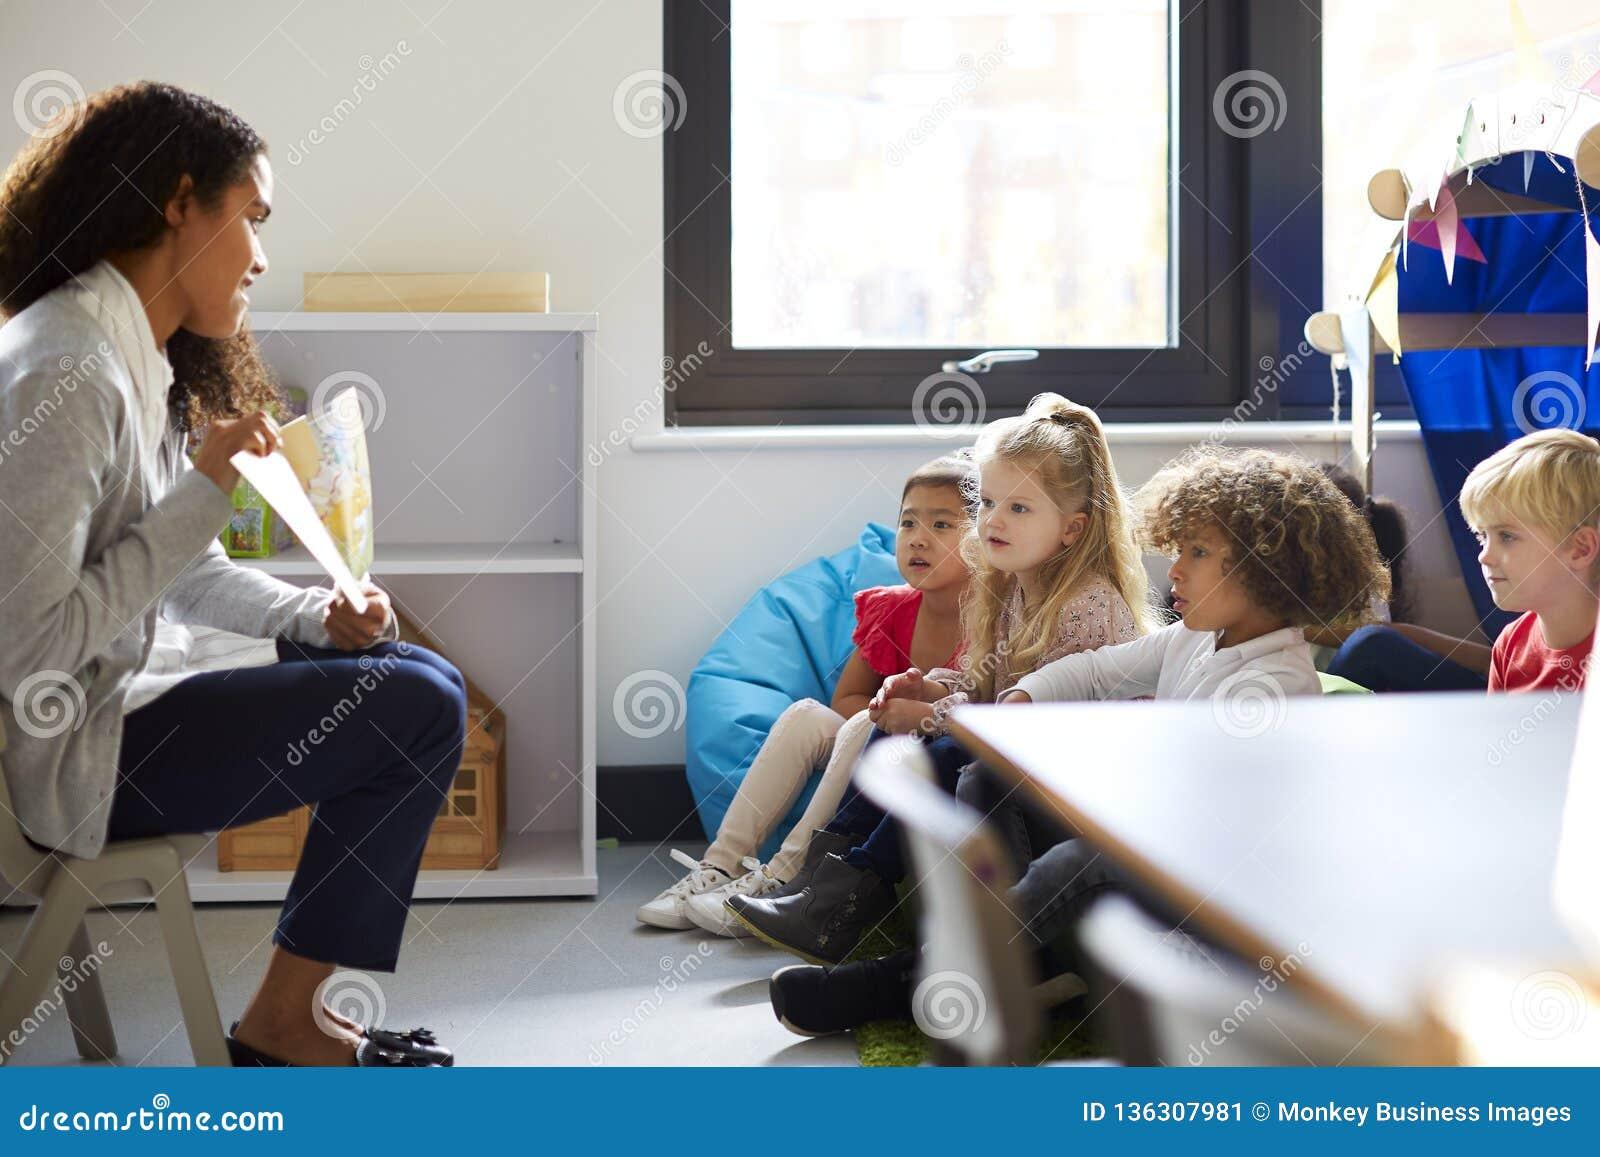 Seitenansicht einer weiblichen Kindergärtnerin, die auf einem Stuhl zeigt den Kindern ein Buch in einem Klassenzimmer sitzt